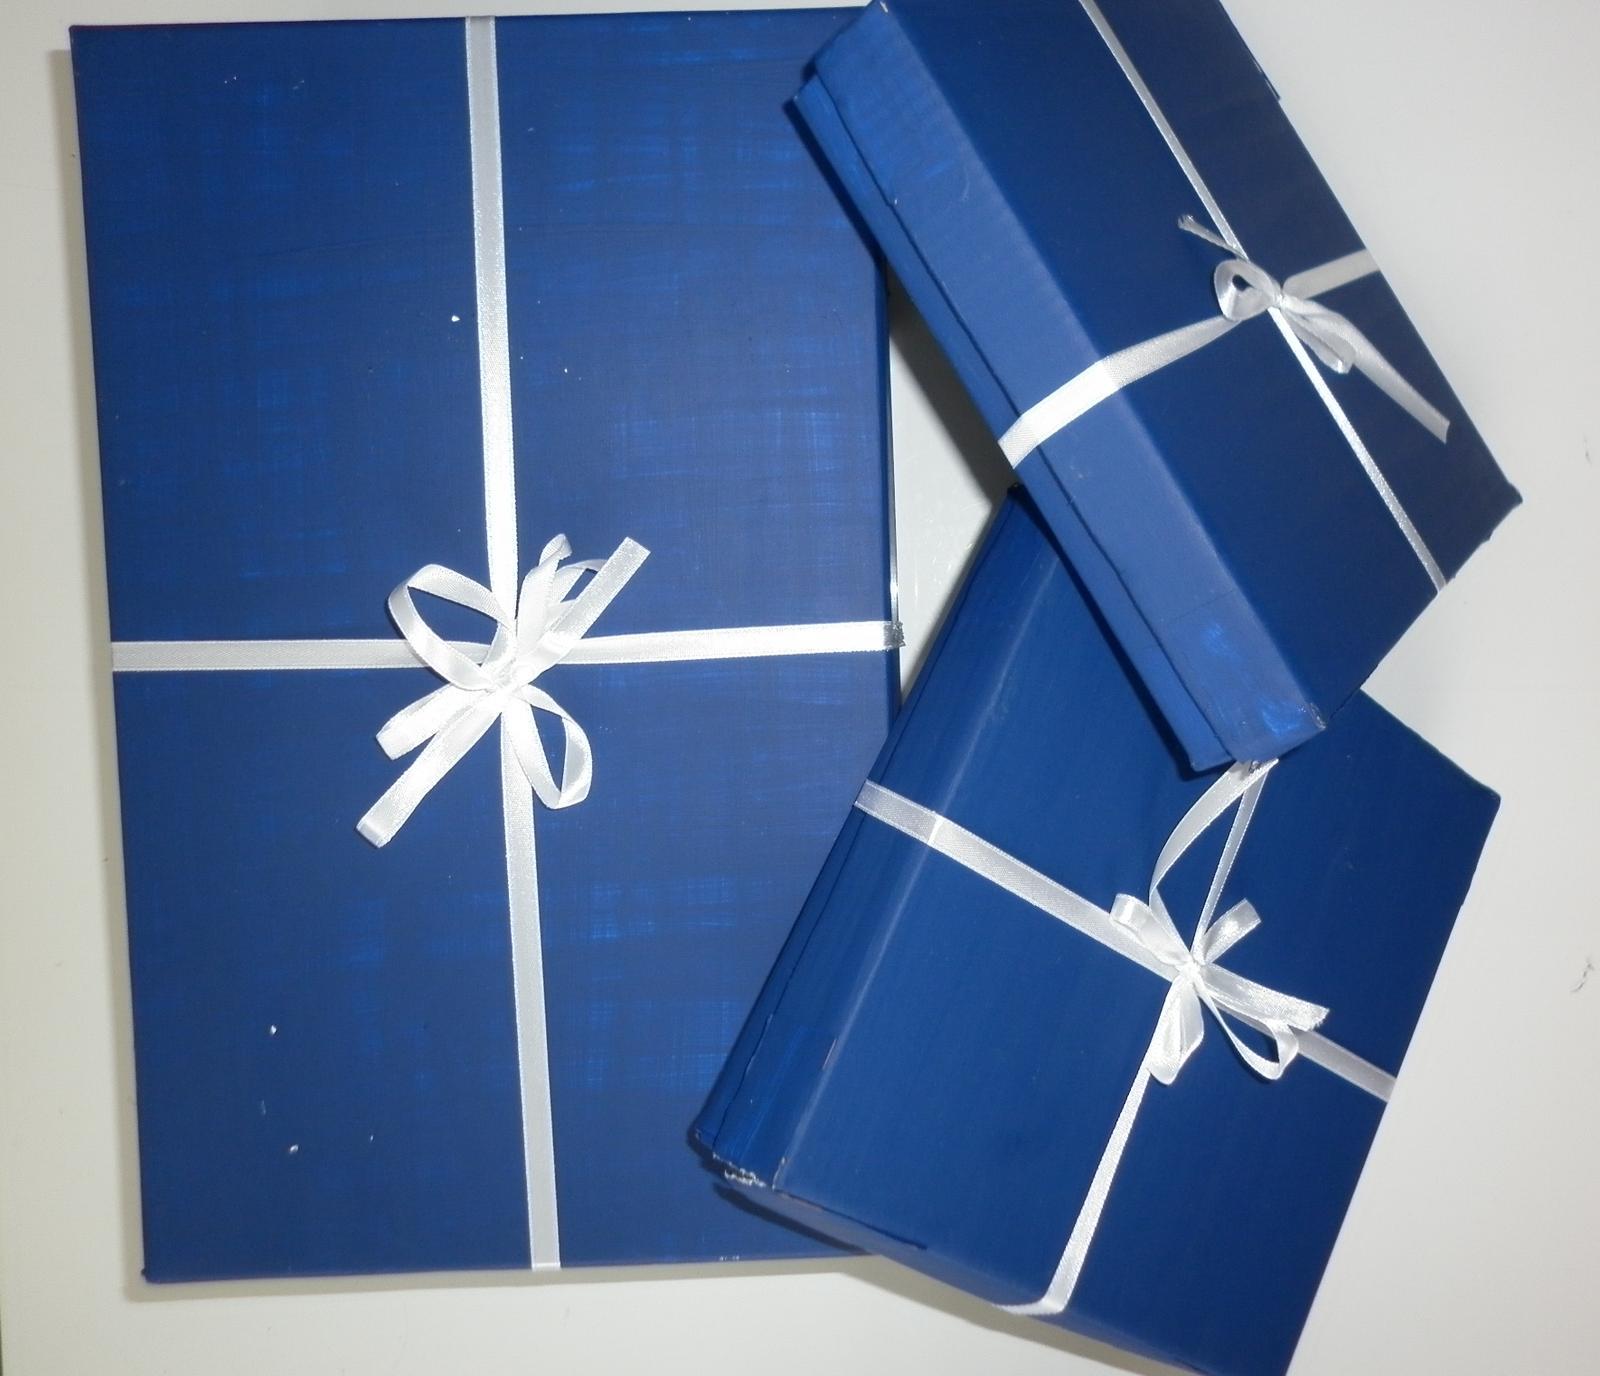 Přípravy a tvoření - posvatební dárek maminkám a mně... uvnitř památky na svatbu... mušličky ze stolu, jmenovky, vývazky, svatební a posvatební oznámení